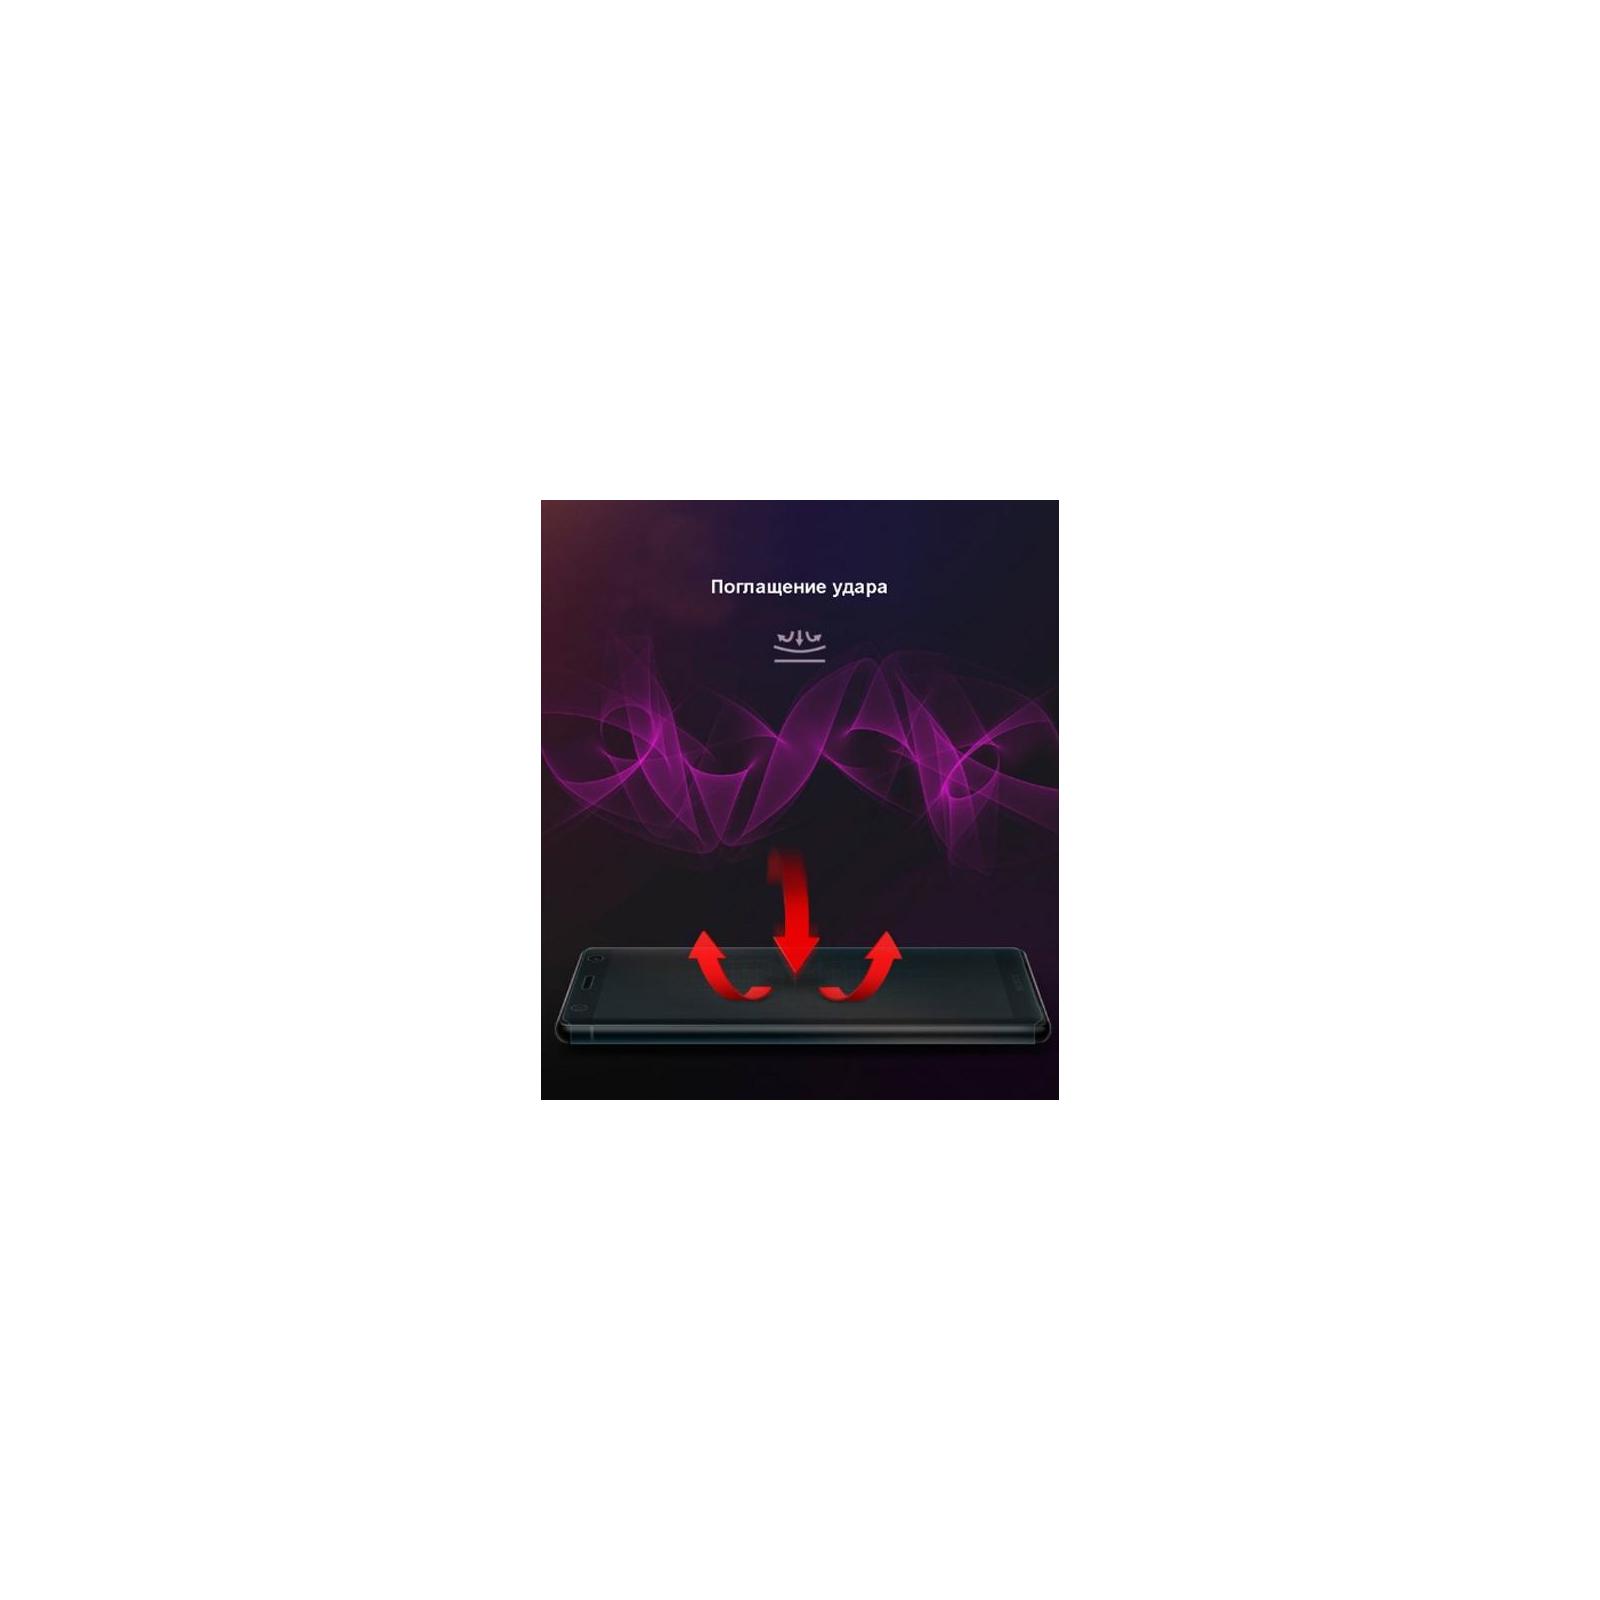 Пленка защитная Ringke для телефона Sony Xperia XZ2 Full Cover (RSP4455) изображение 7